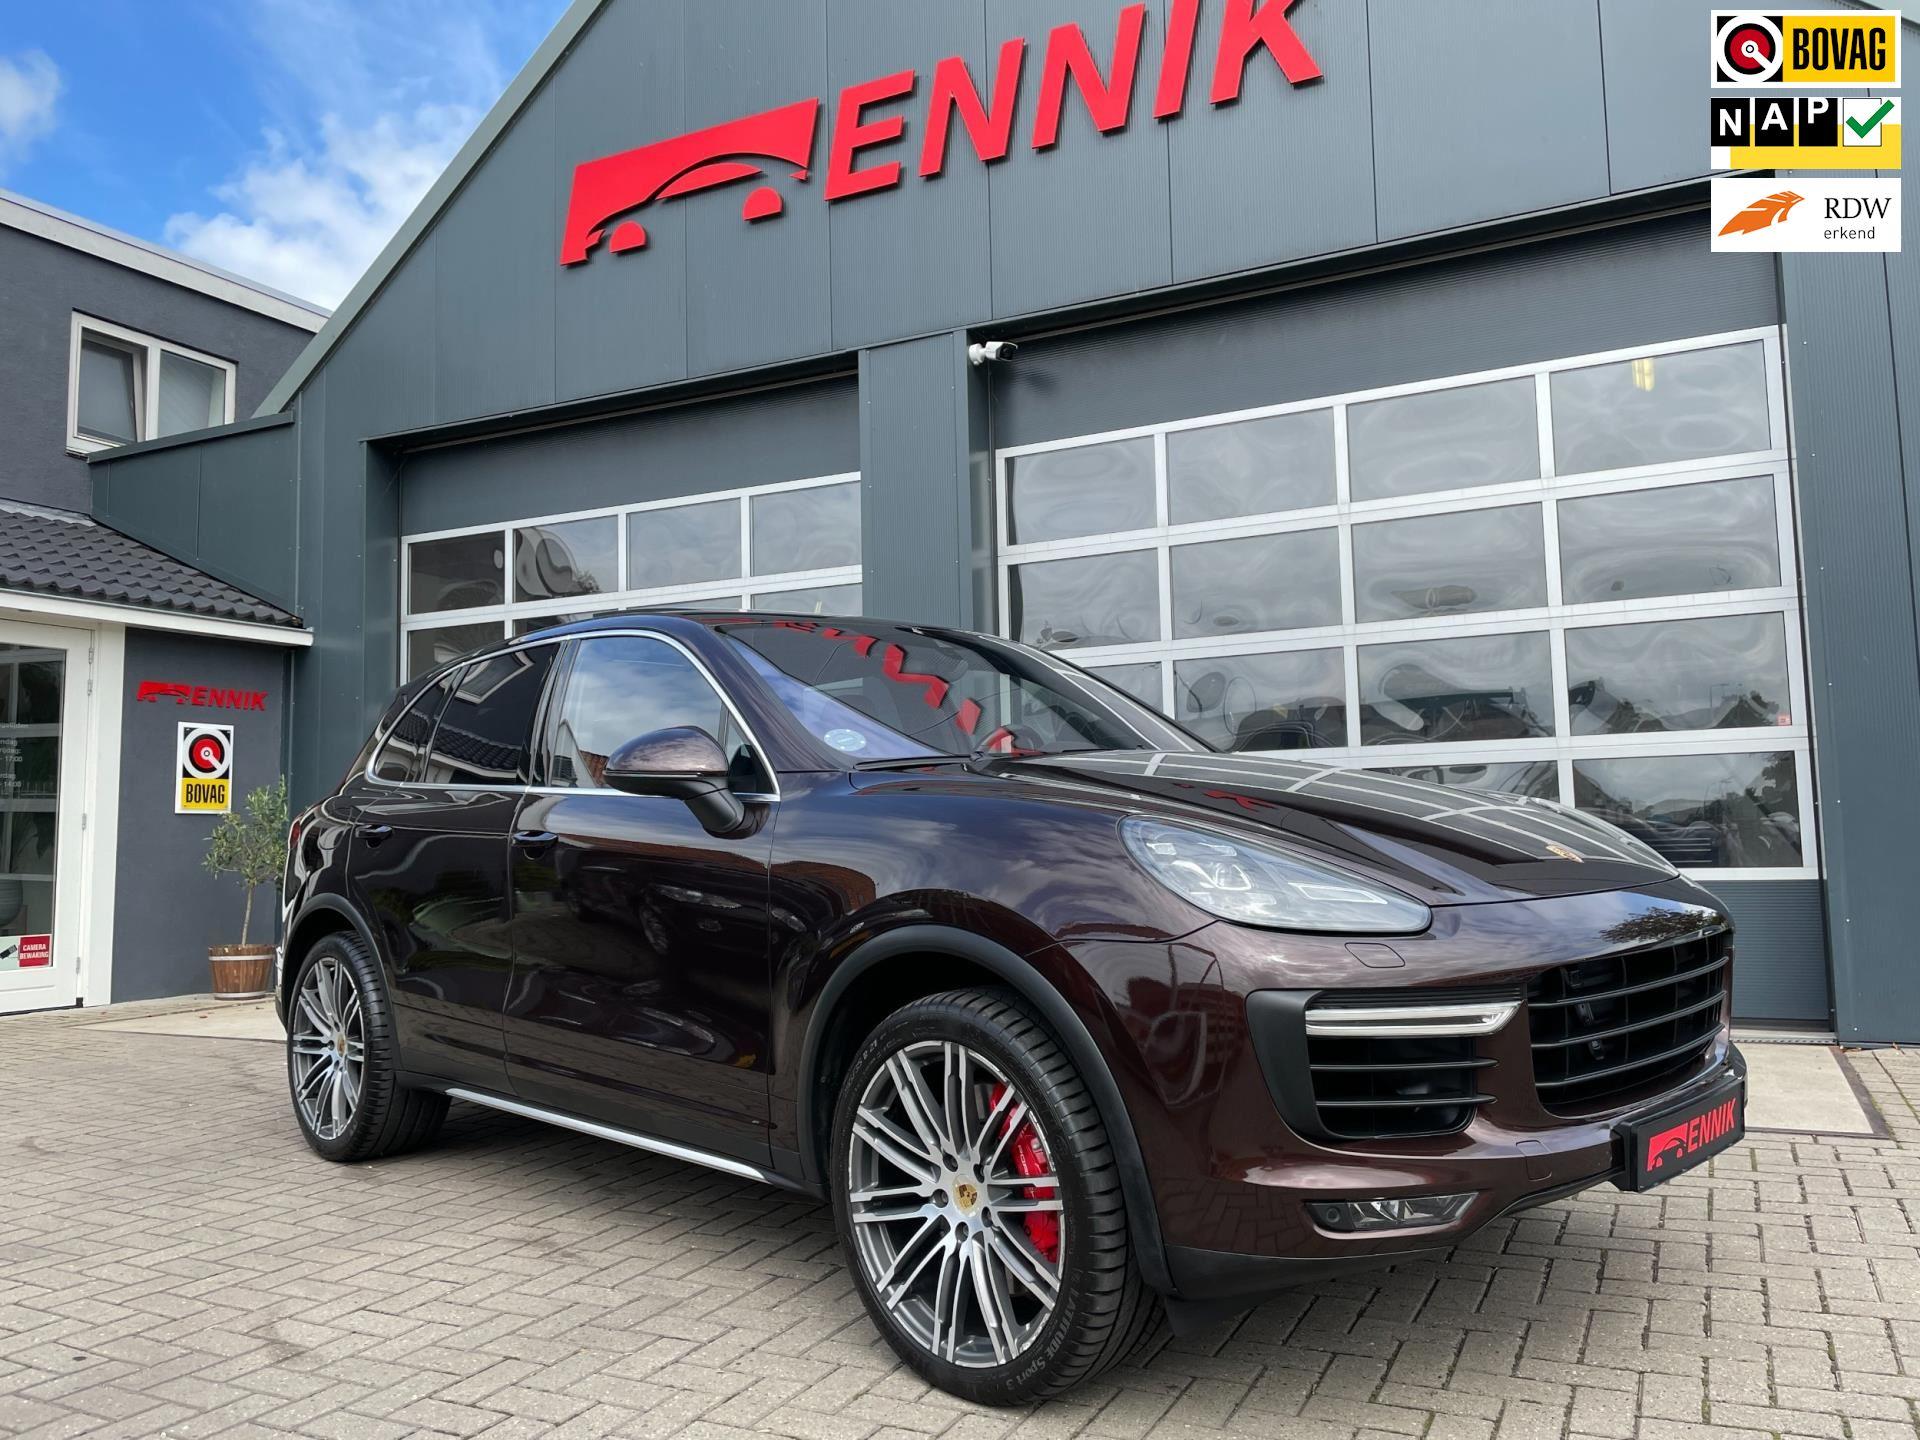 Porsche Cayenne occasion - Ennik Autobedrijf